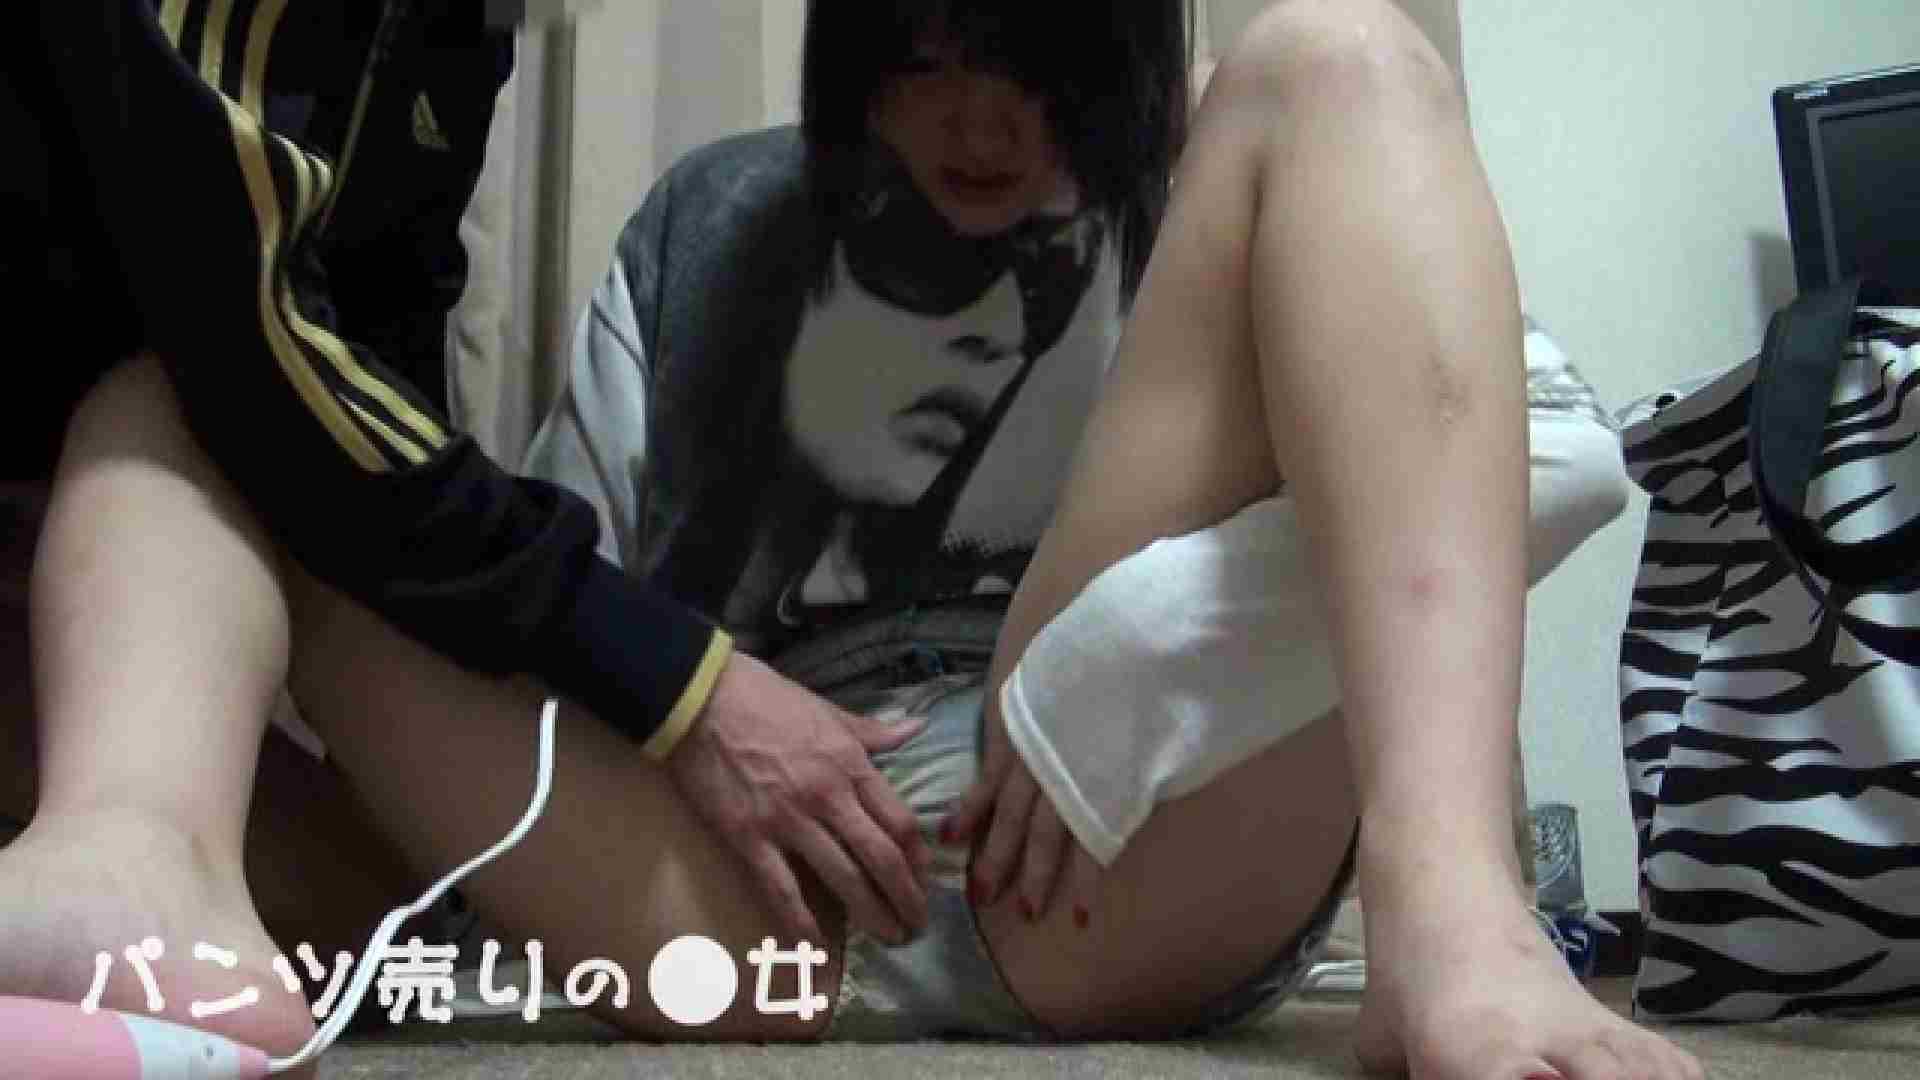 新説 パンツ売りの女の子mizuki02 一般投稿  76pic 54